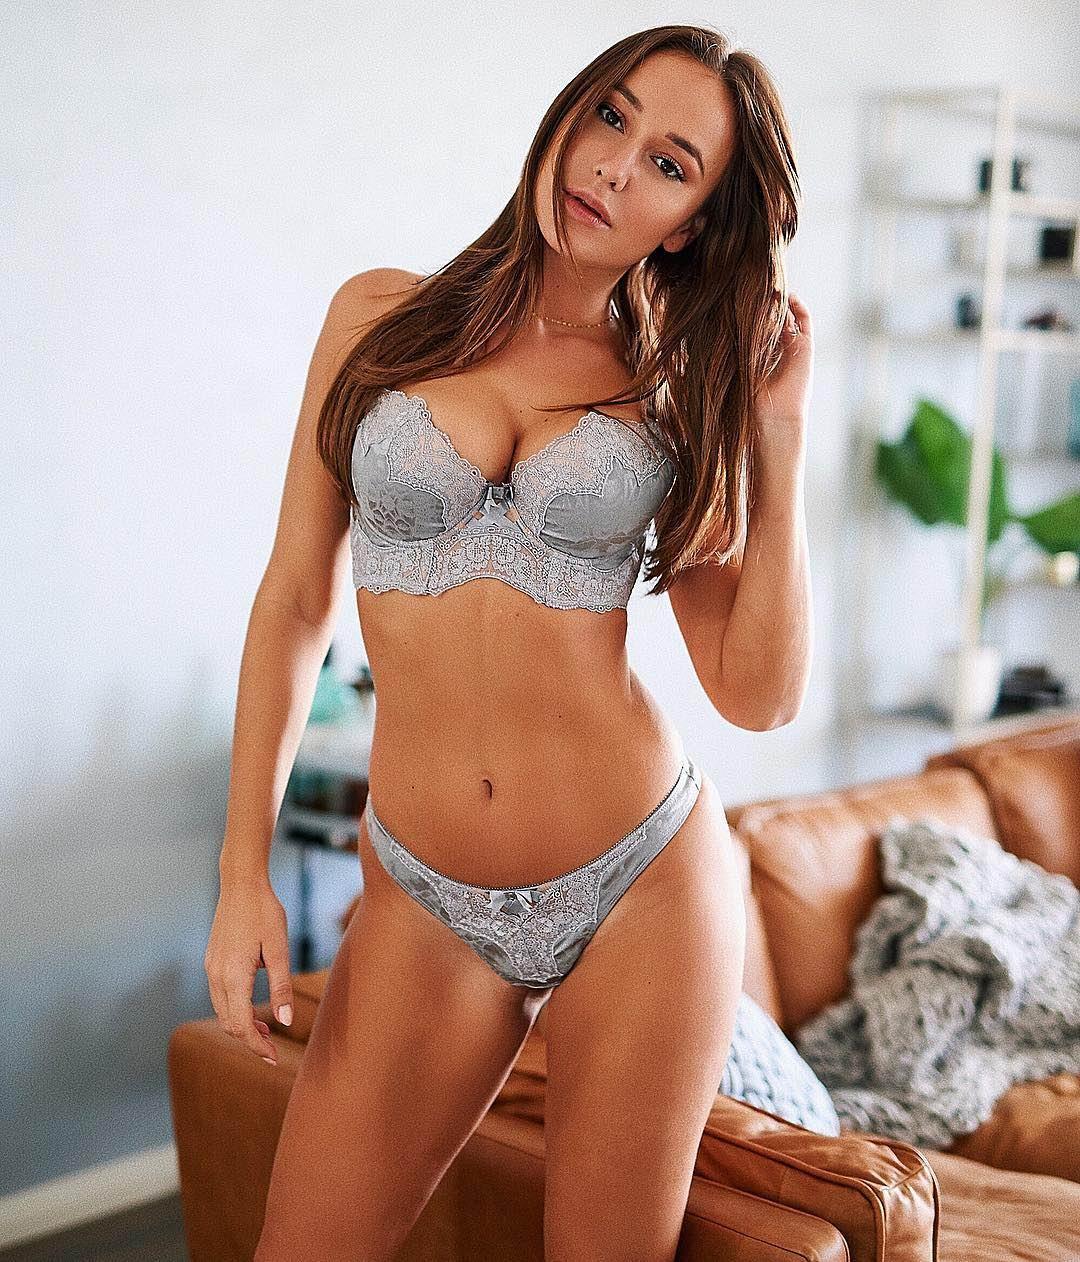 Эскорт модель Стэйси